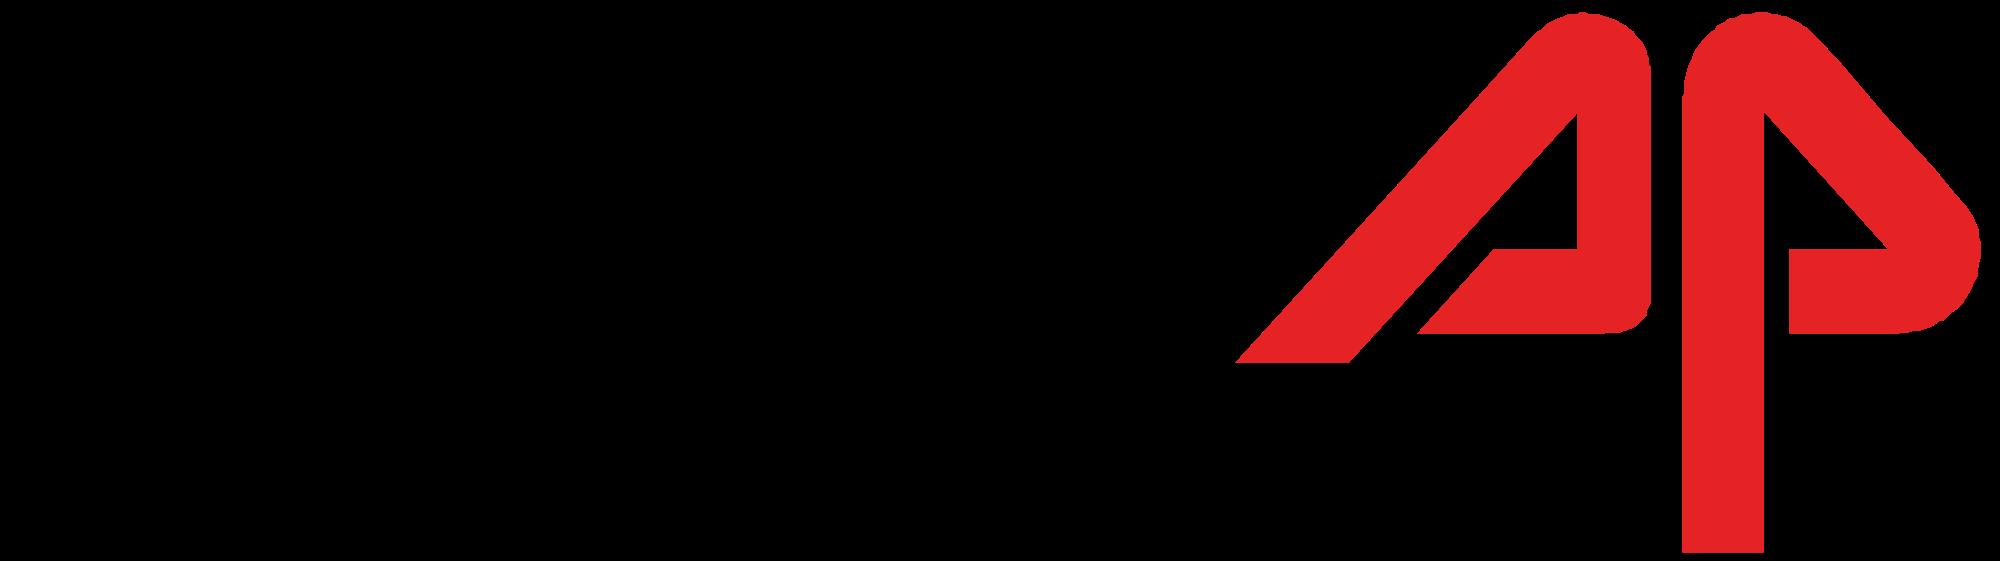 Manutentionnaire Aviapartner